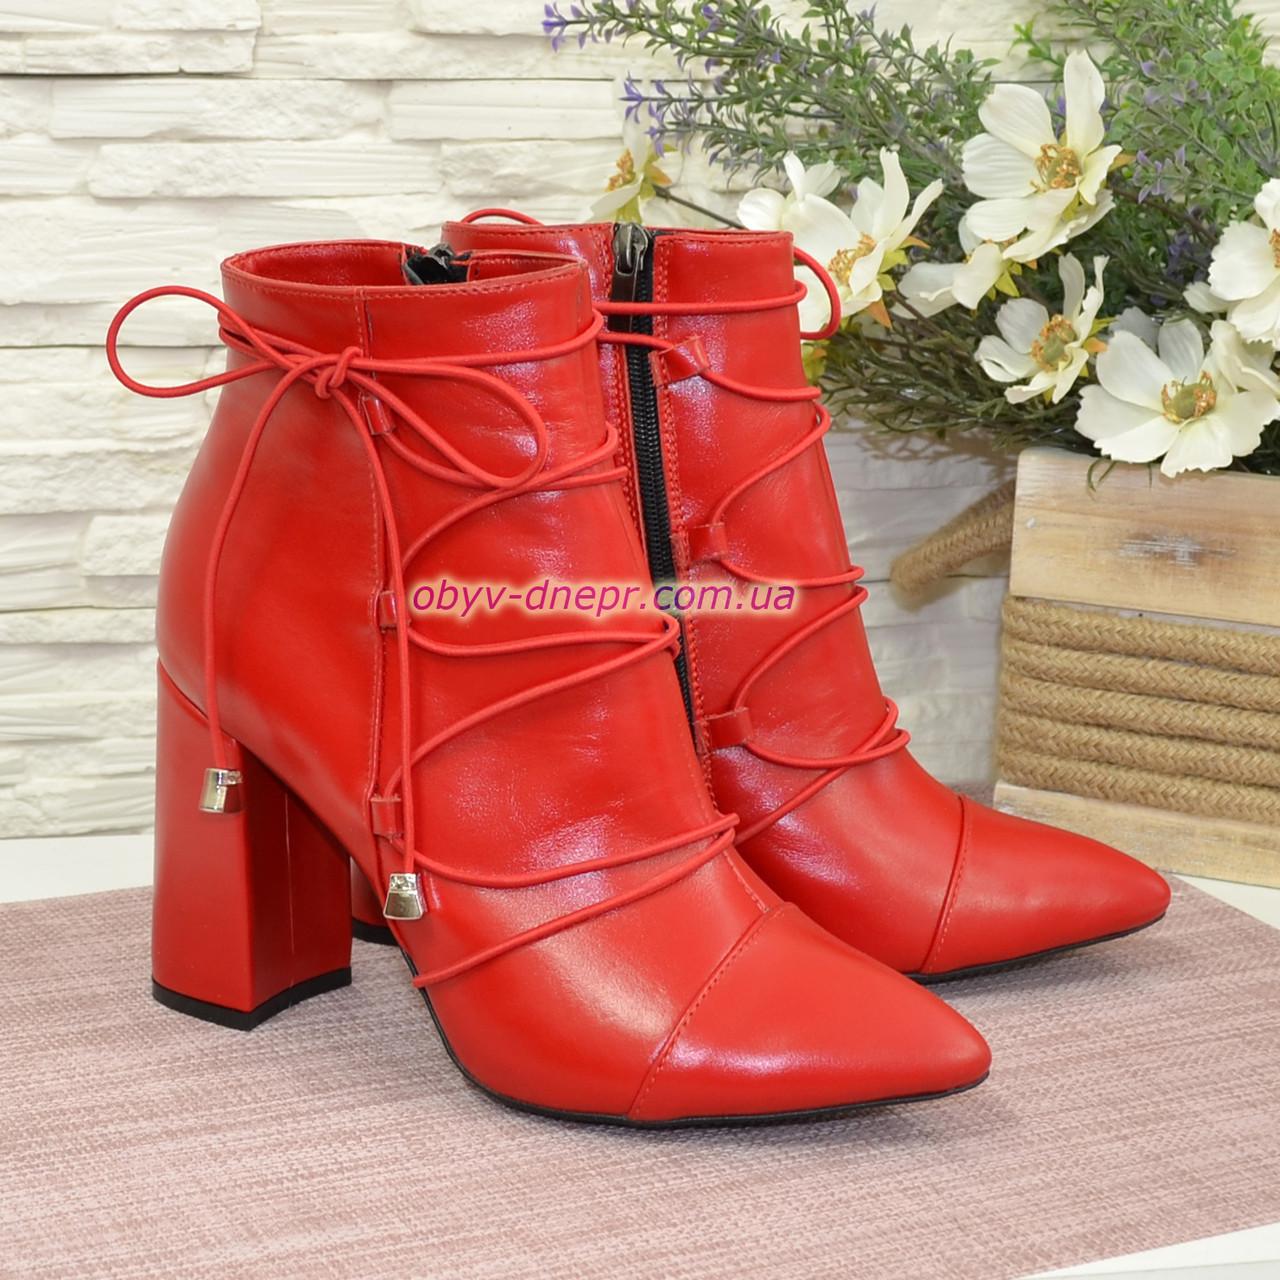 Ботинки демисезонные кожаные на высоком устойчивом каблуке, декорированы резинкой